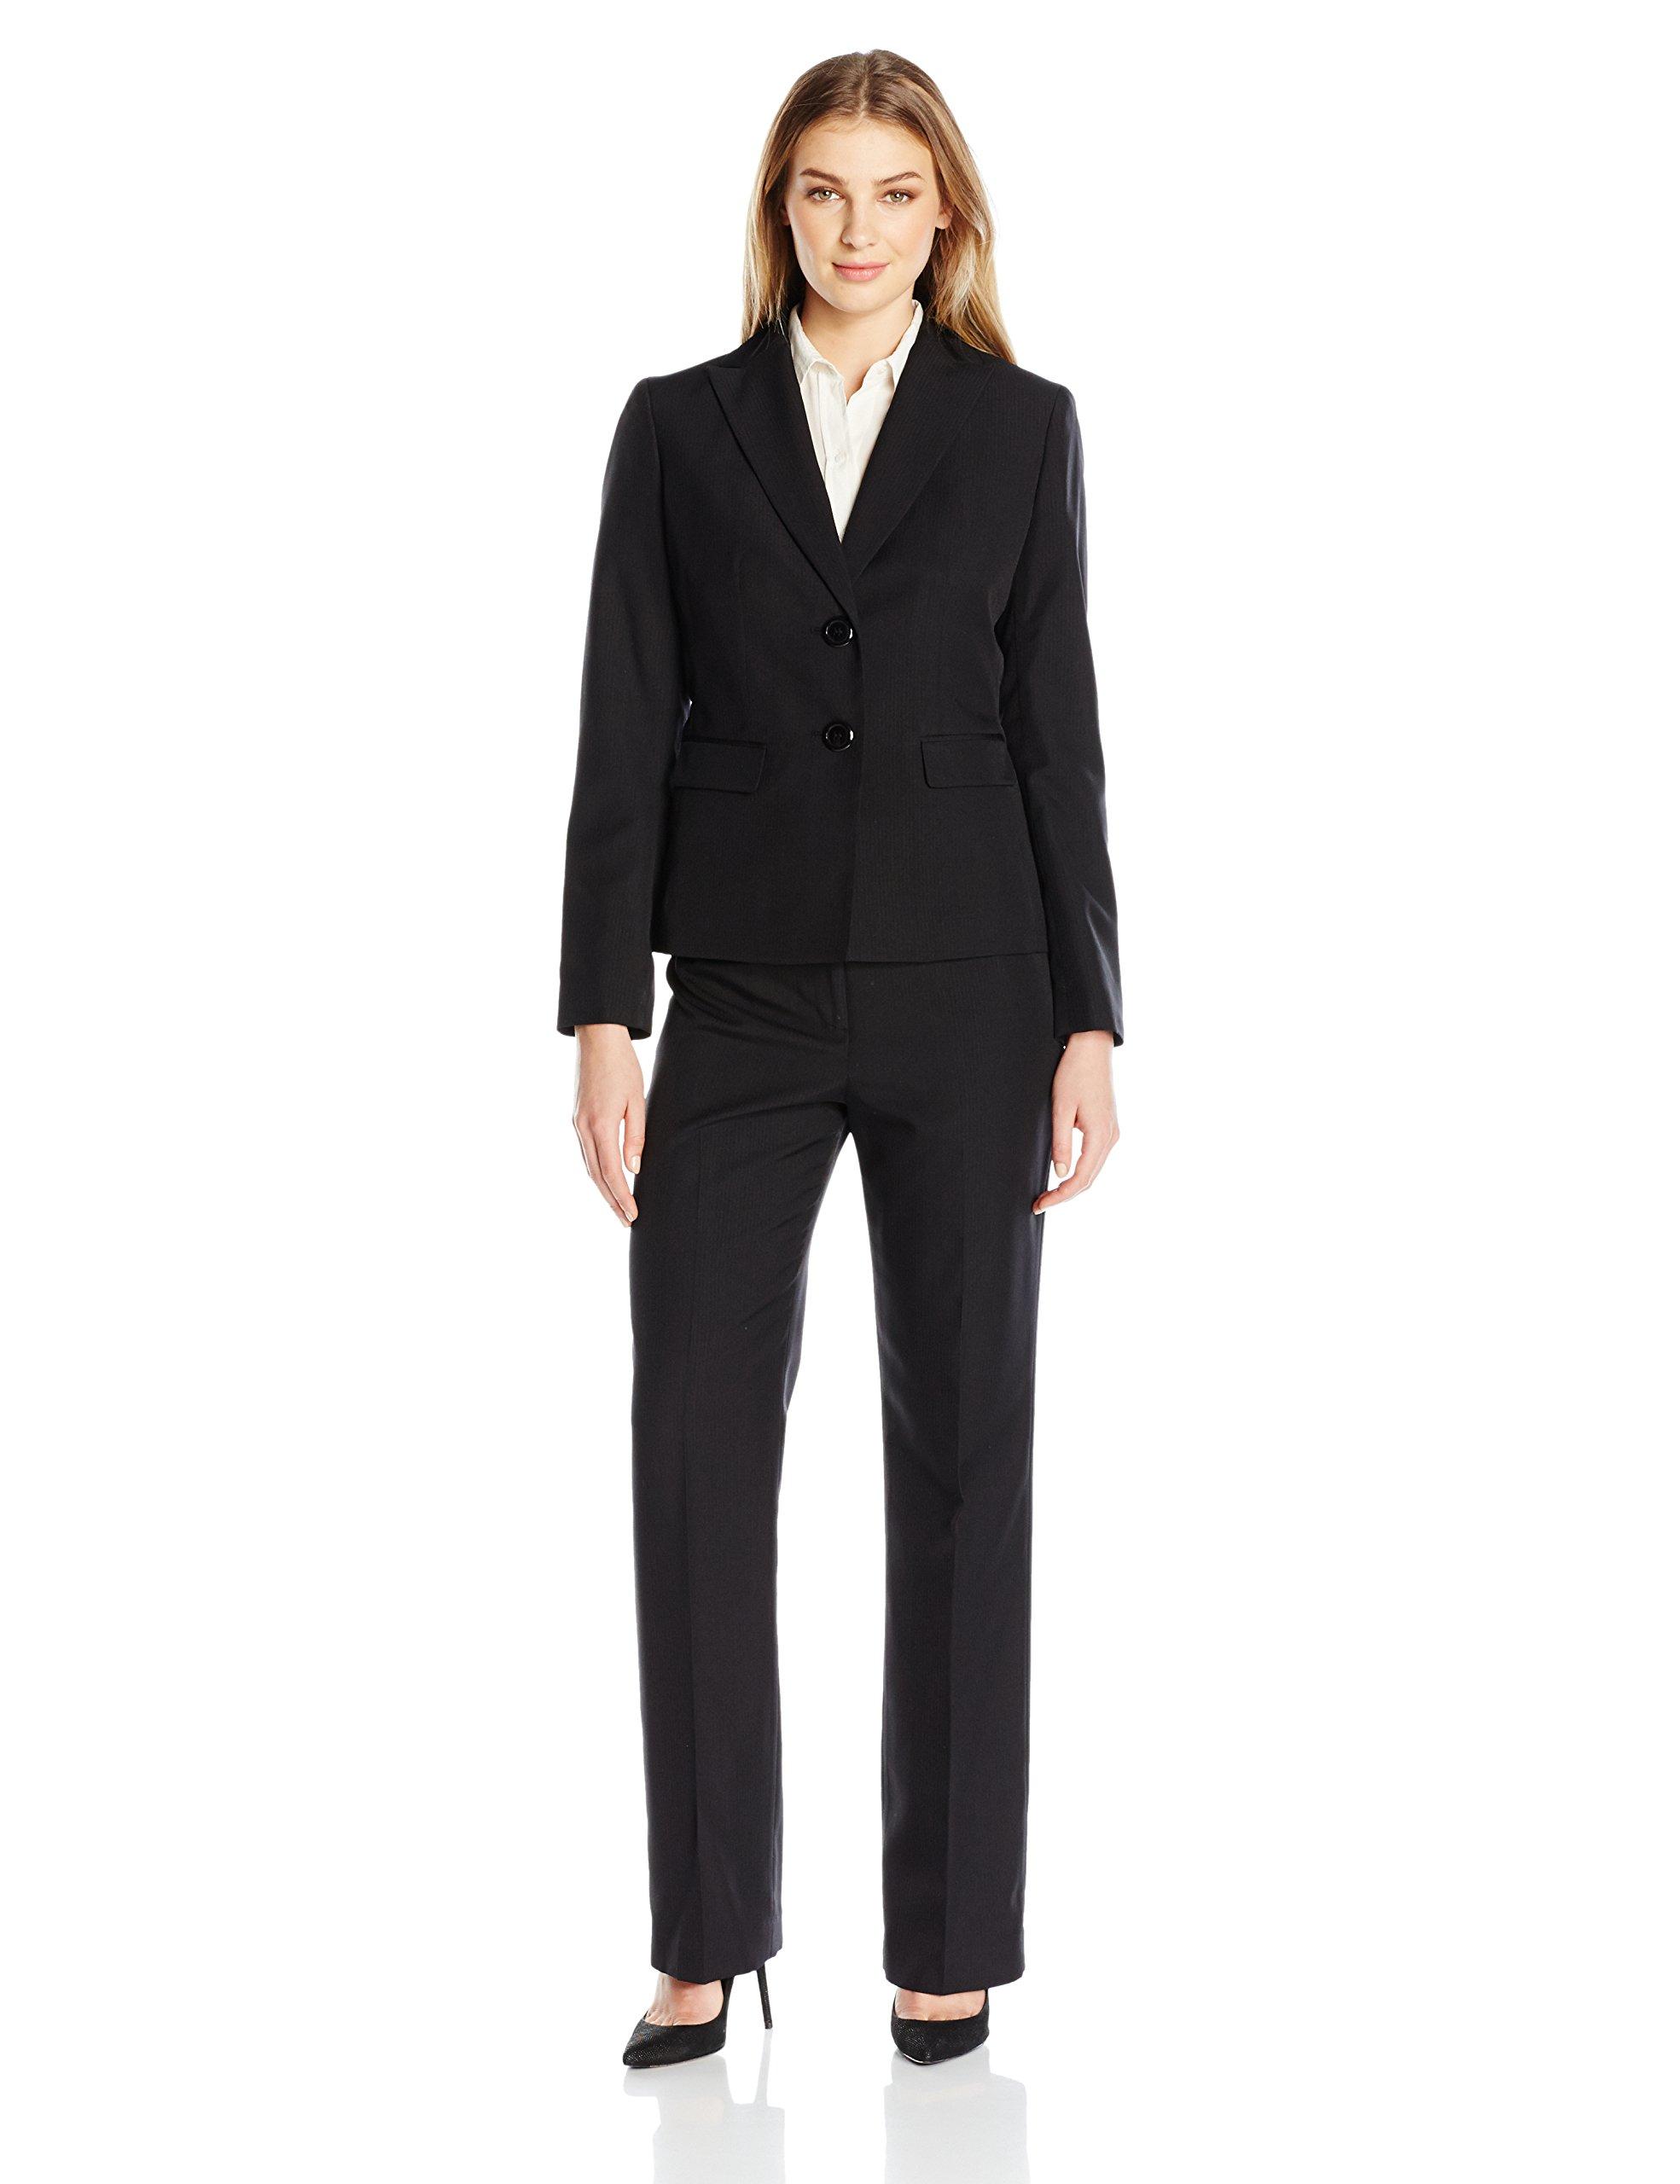 Le Suit Women's 2 Button Pant Suit, Black, 18